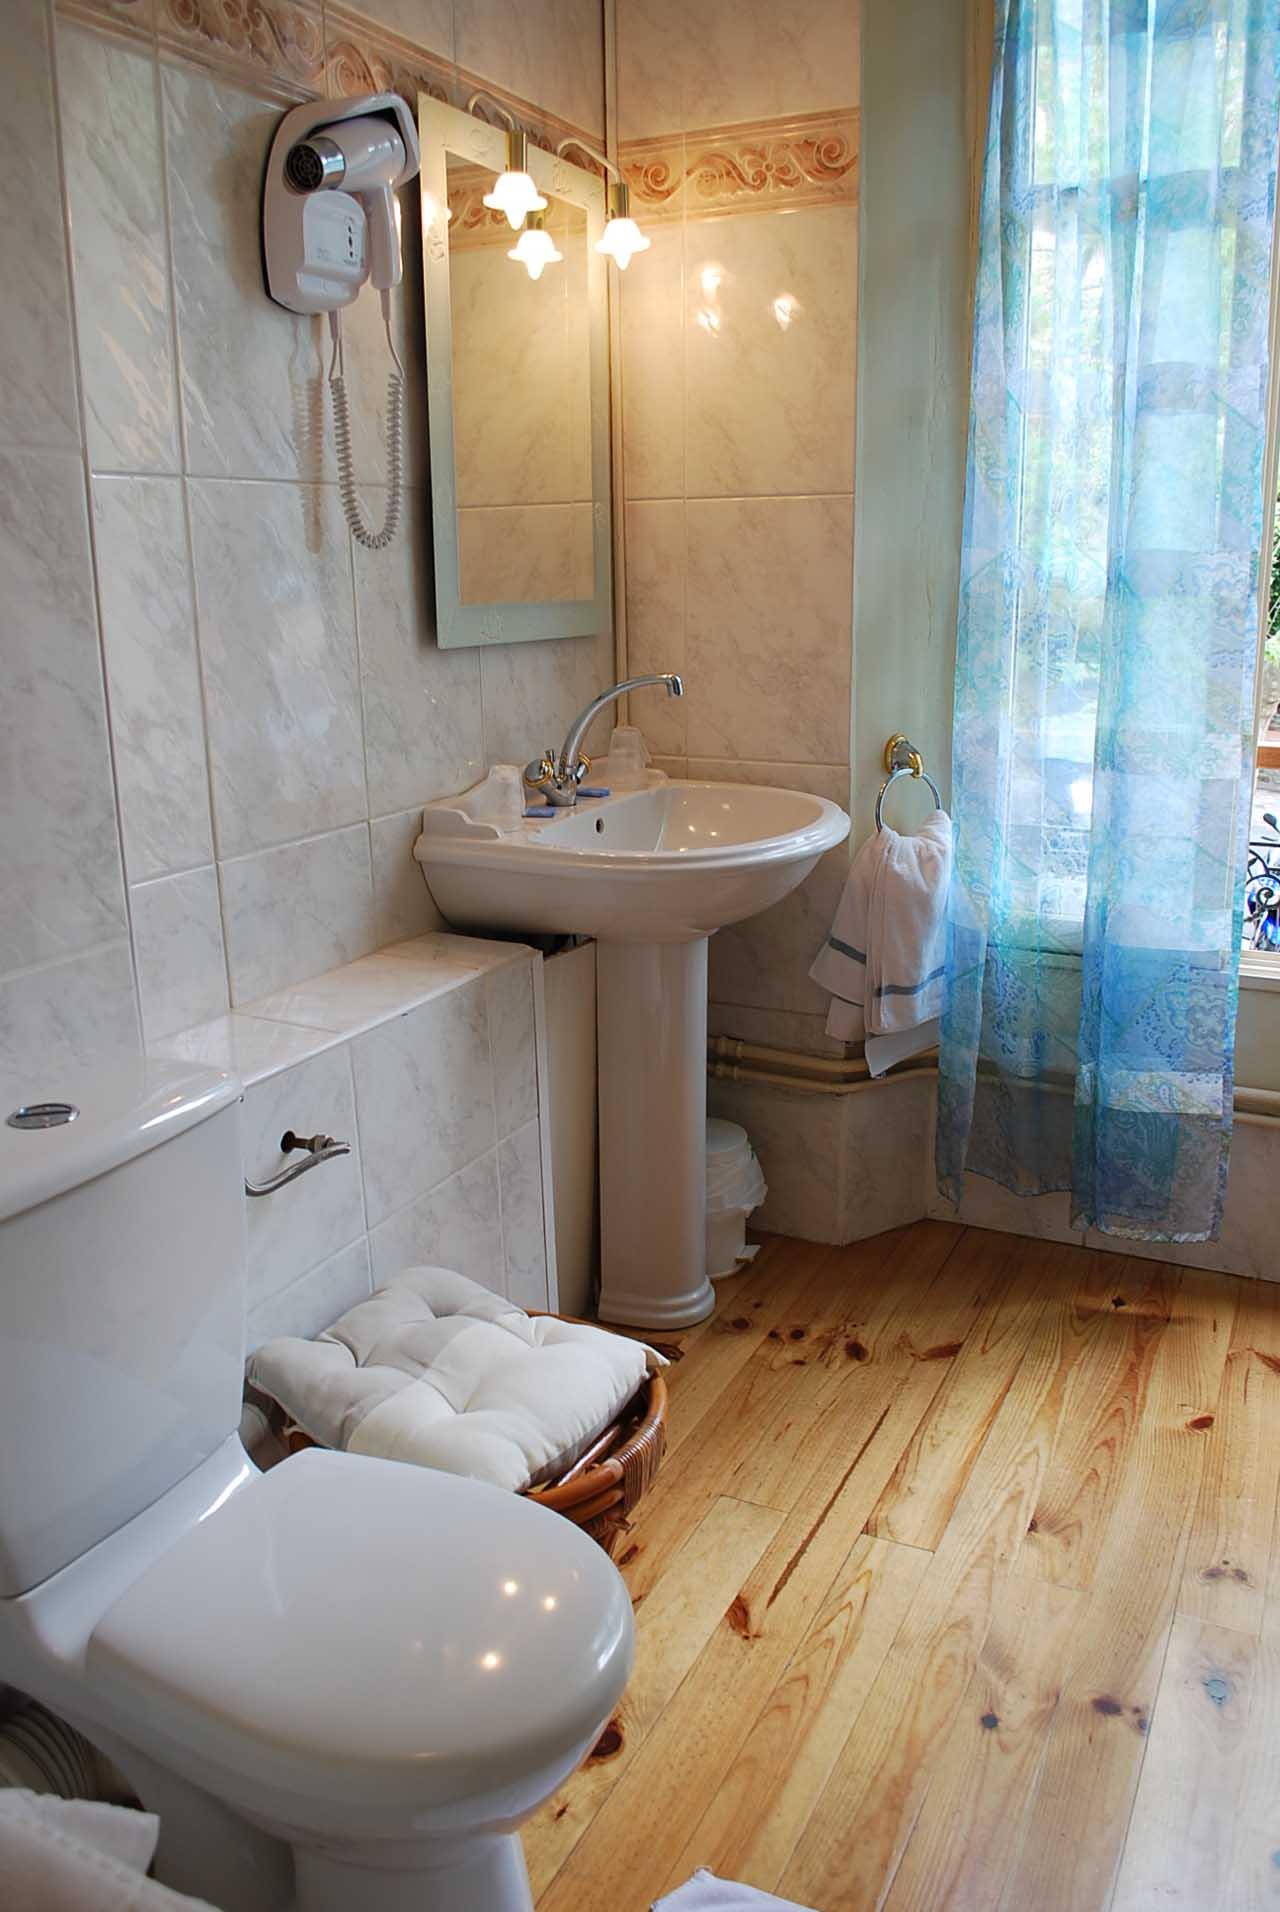 lang[meta_title] - Chambre 09 - Salle de bain